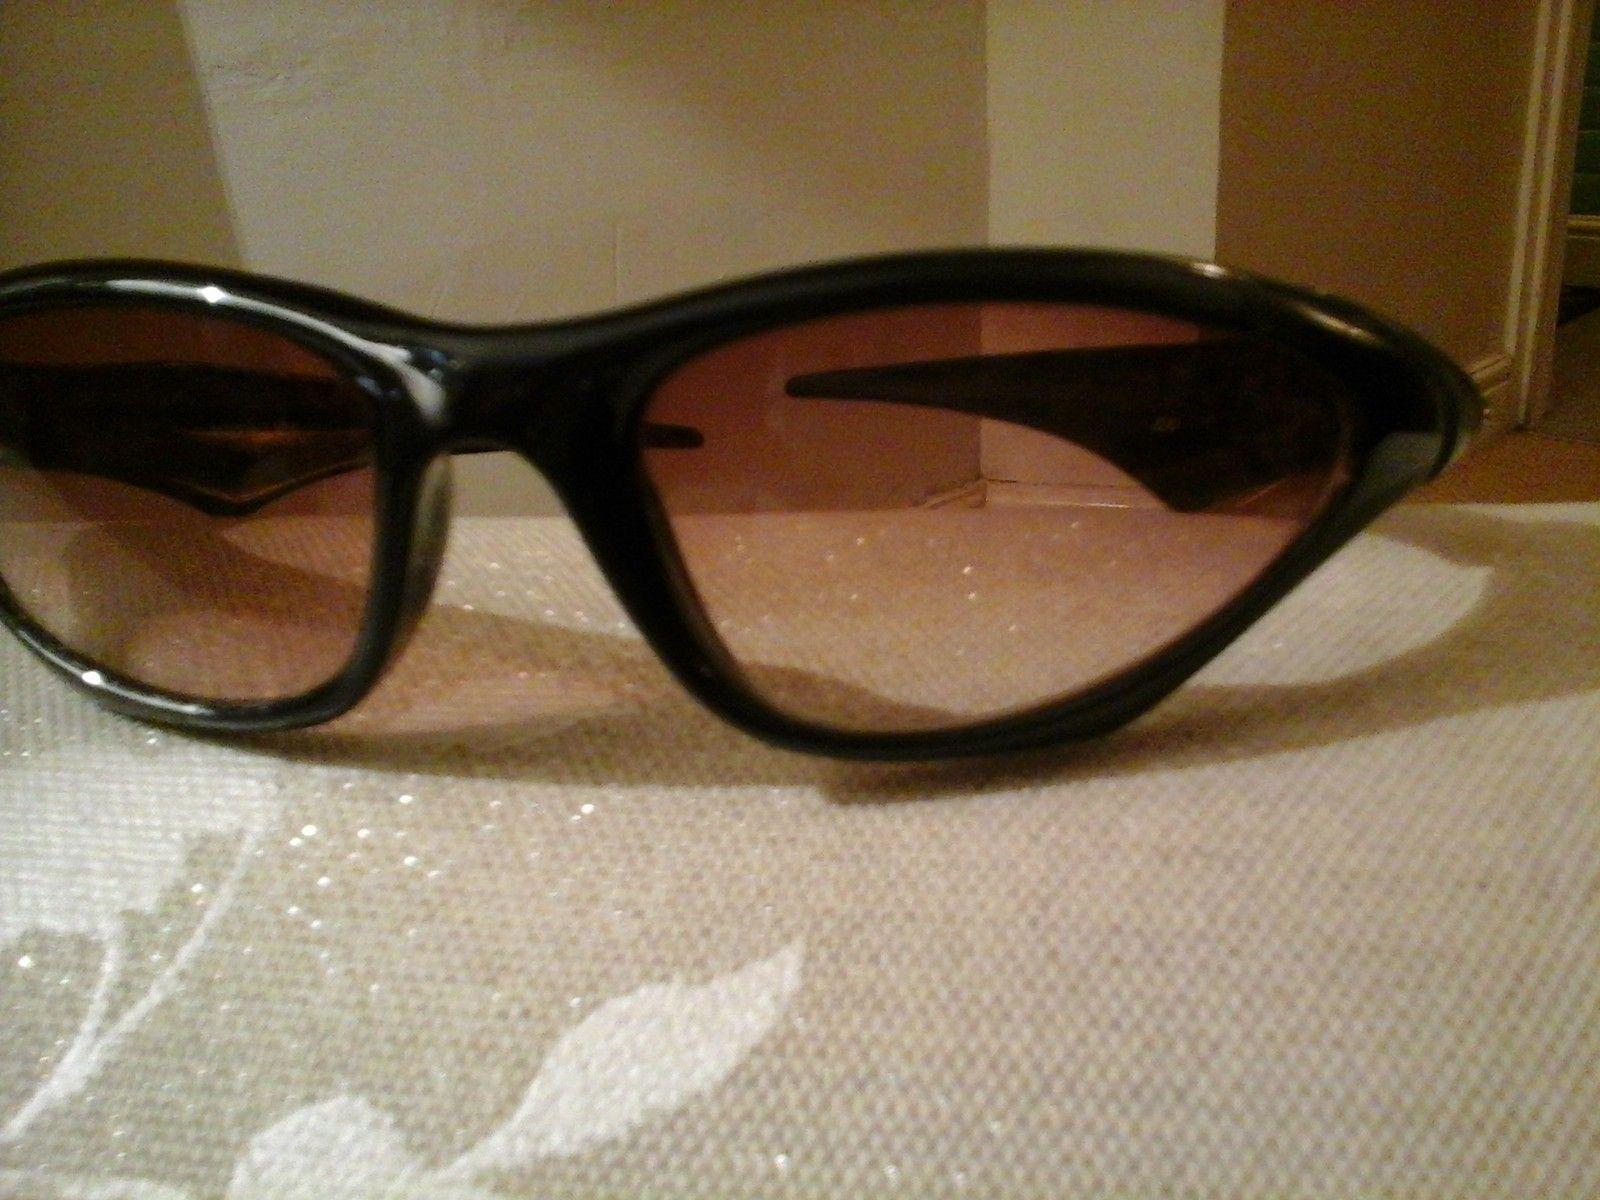 Oakley sunglasses identification - 1441914393028552440552.jpg